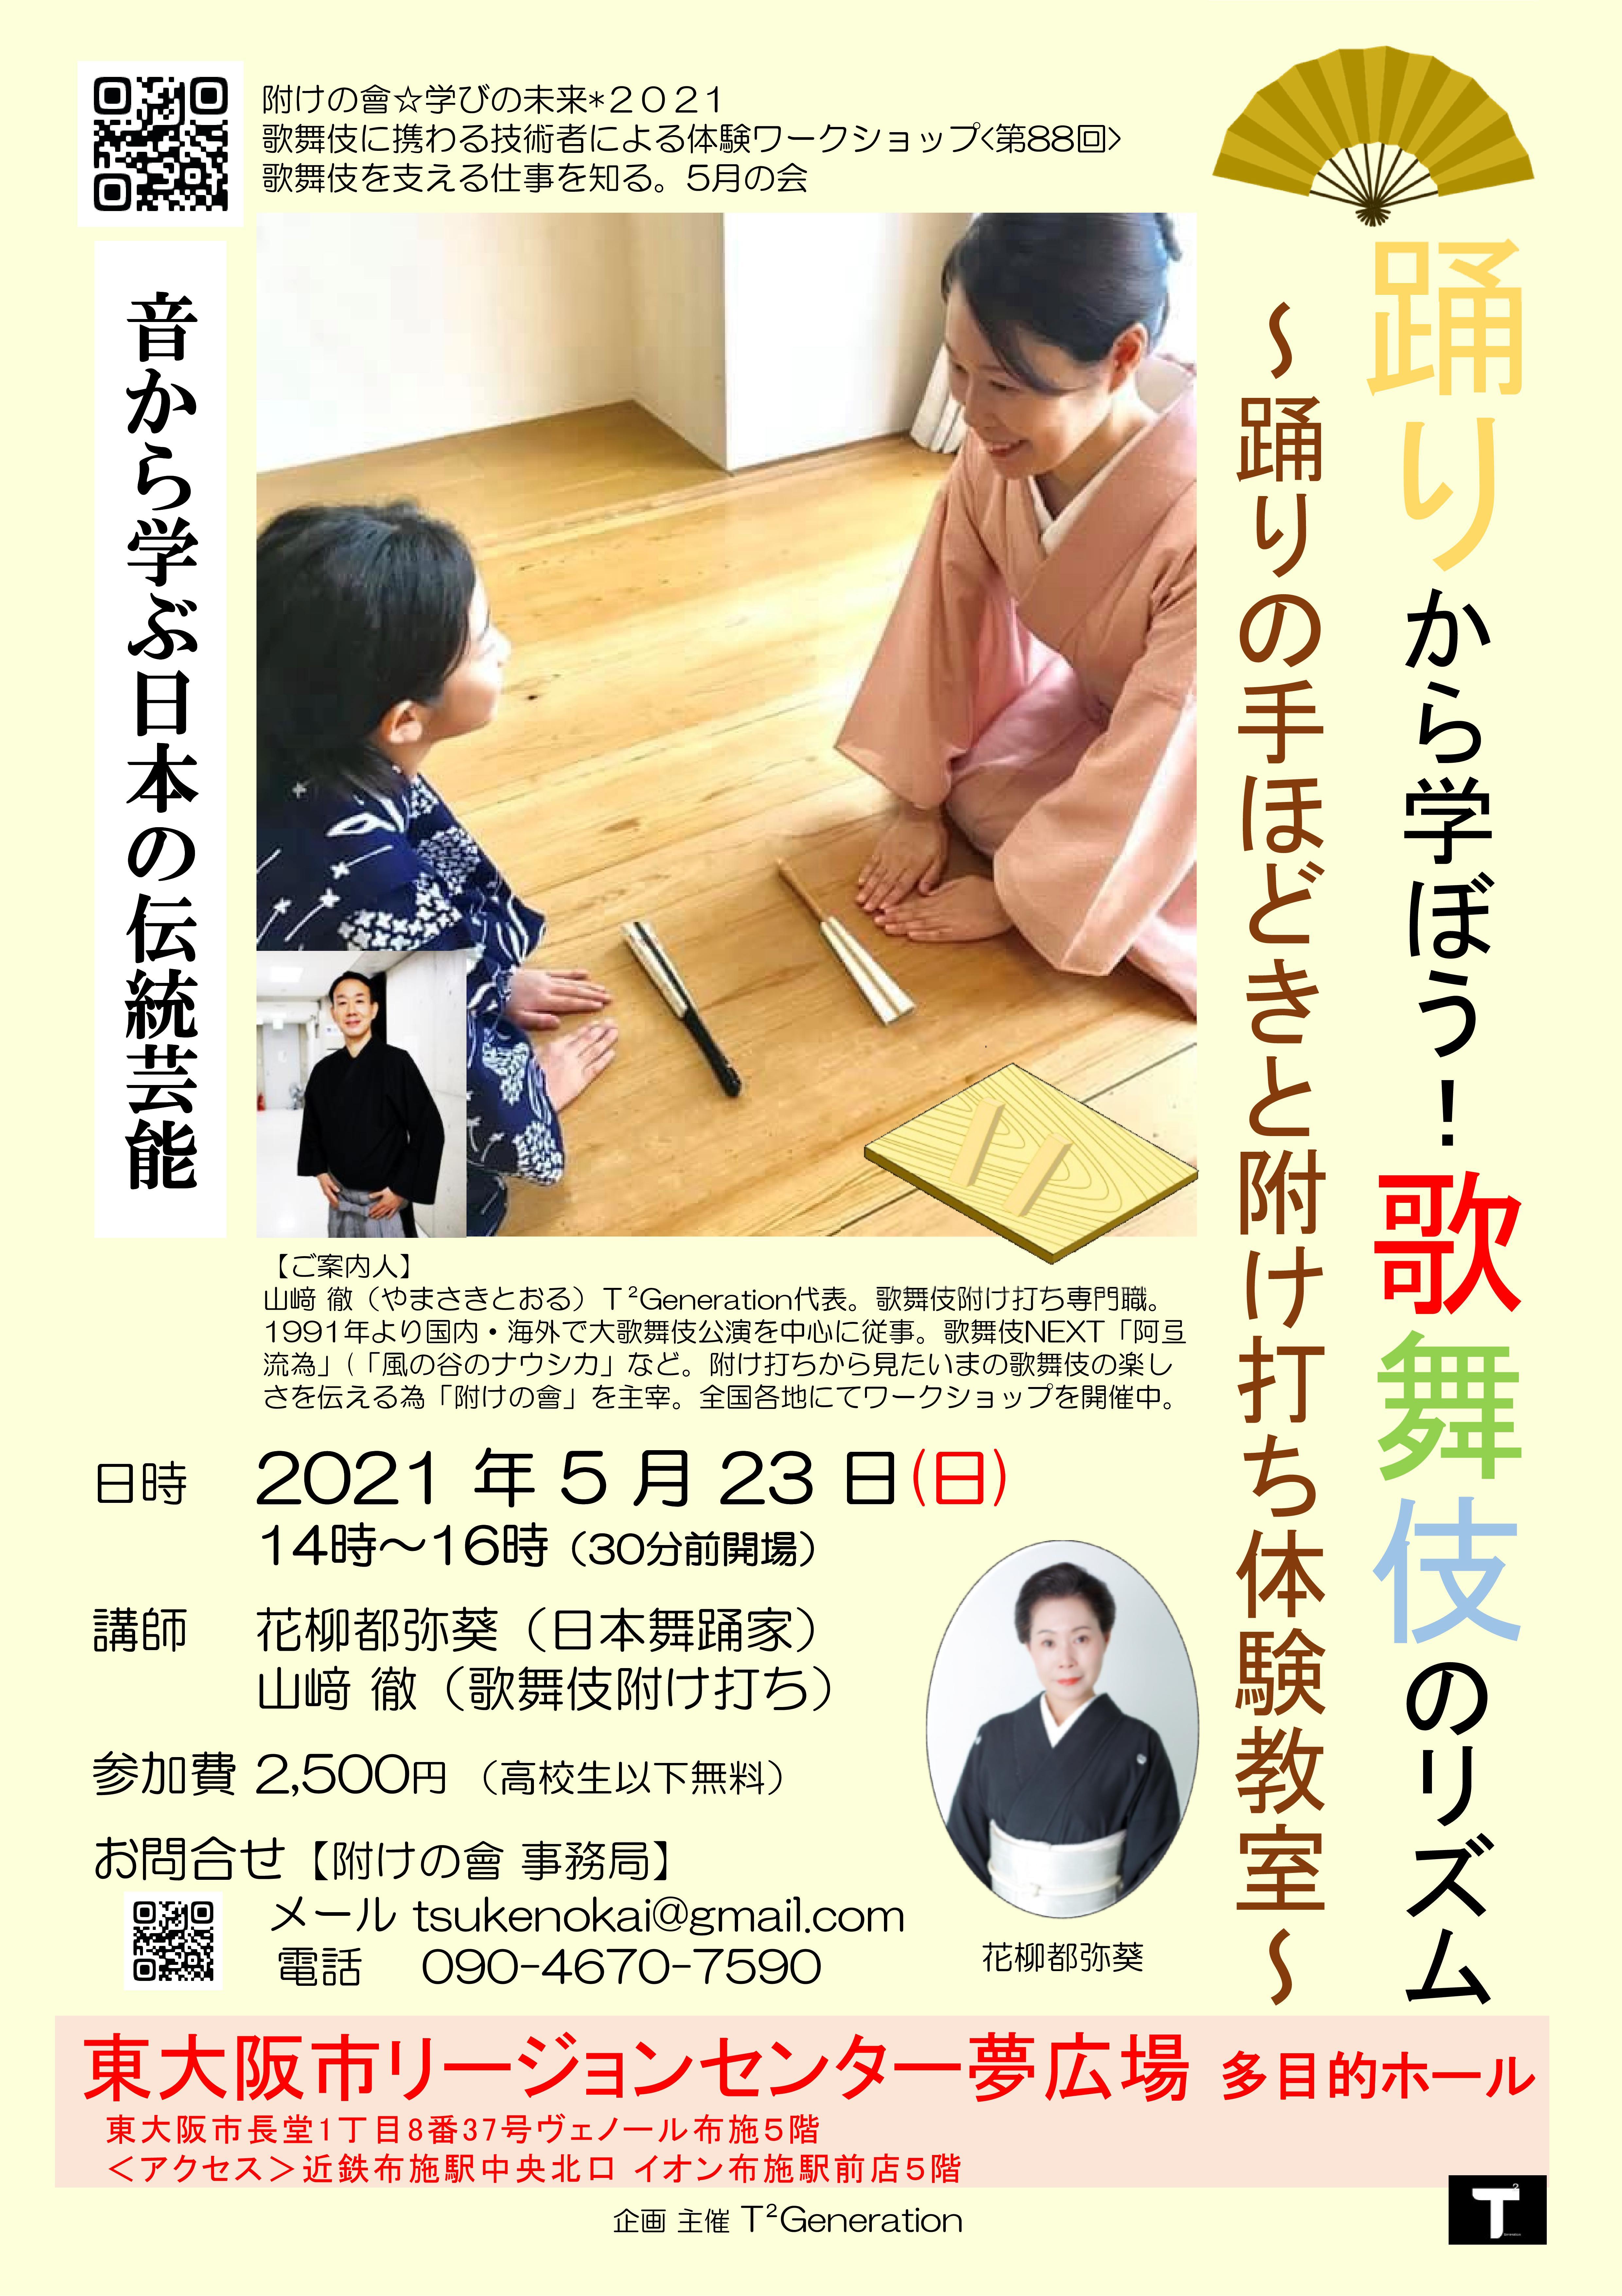 踊りから学ぼう歌舞伎のリズム 令和3年5月大阪